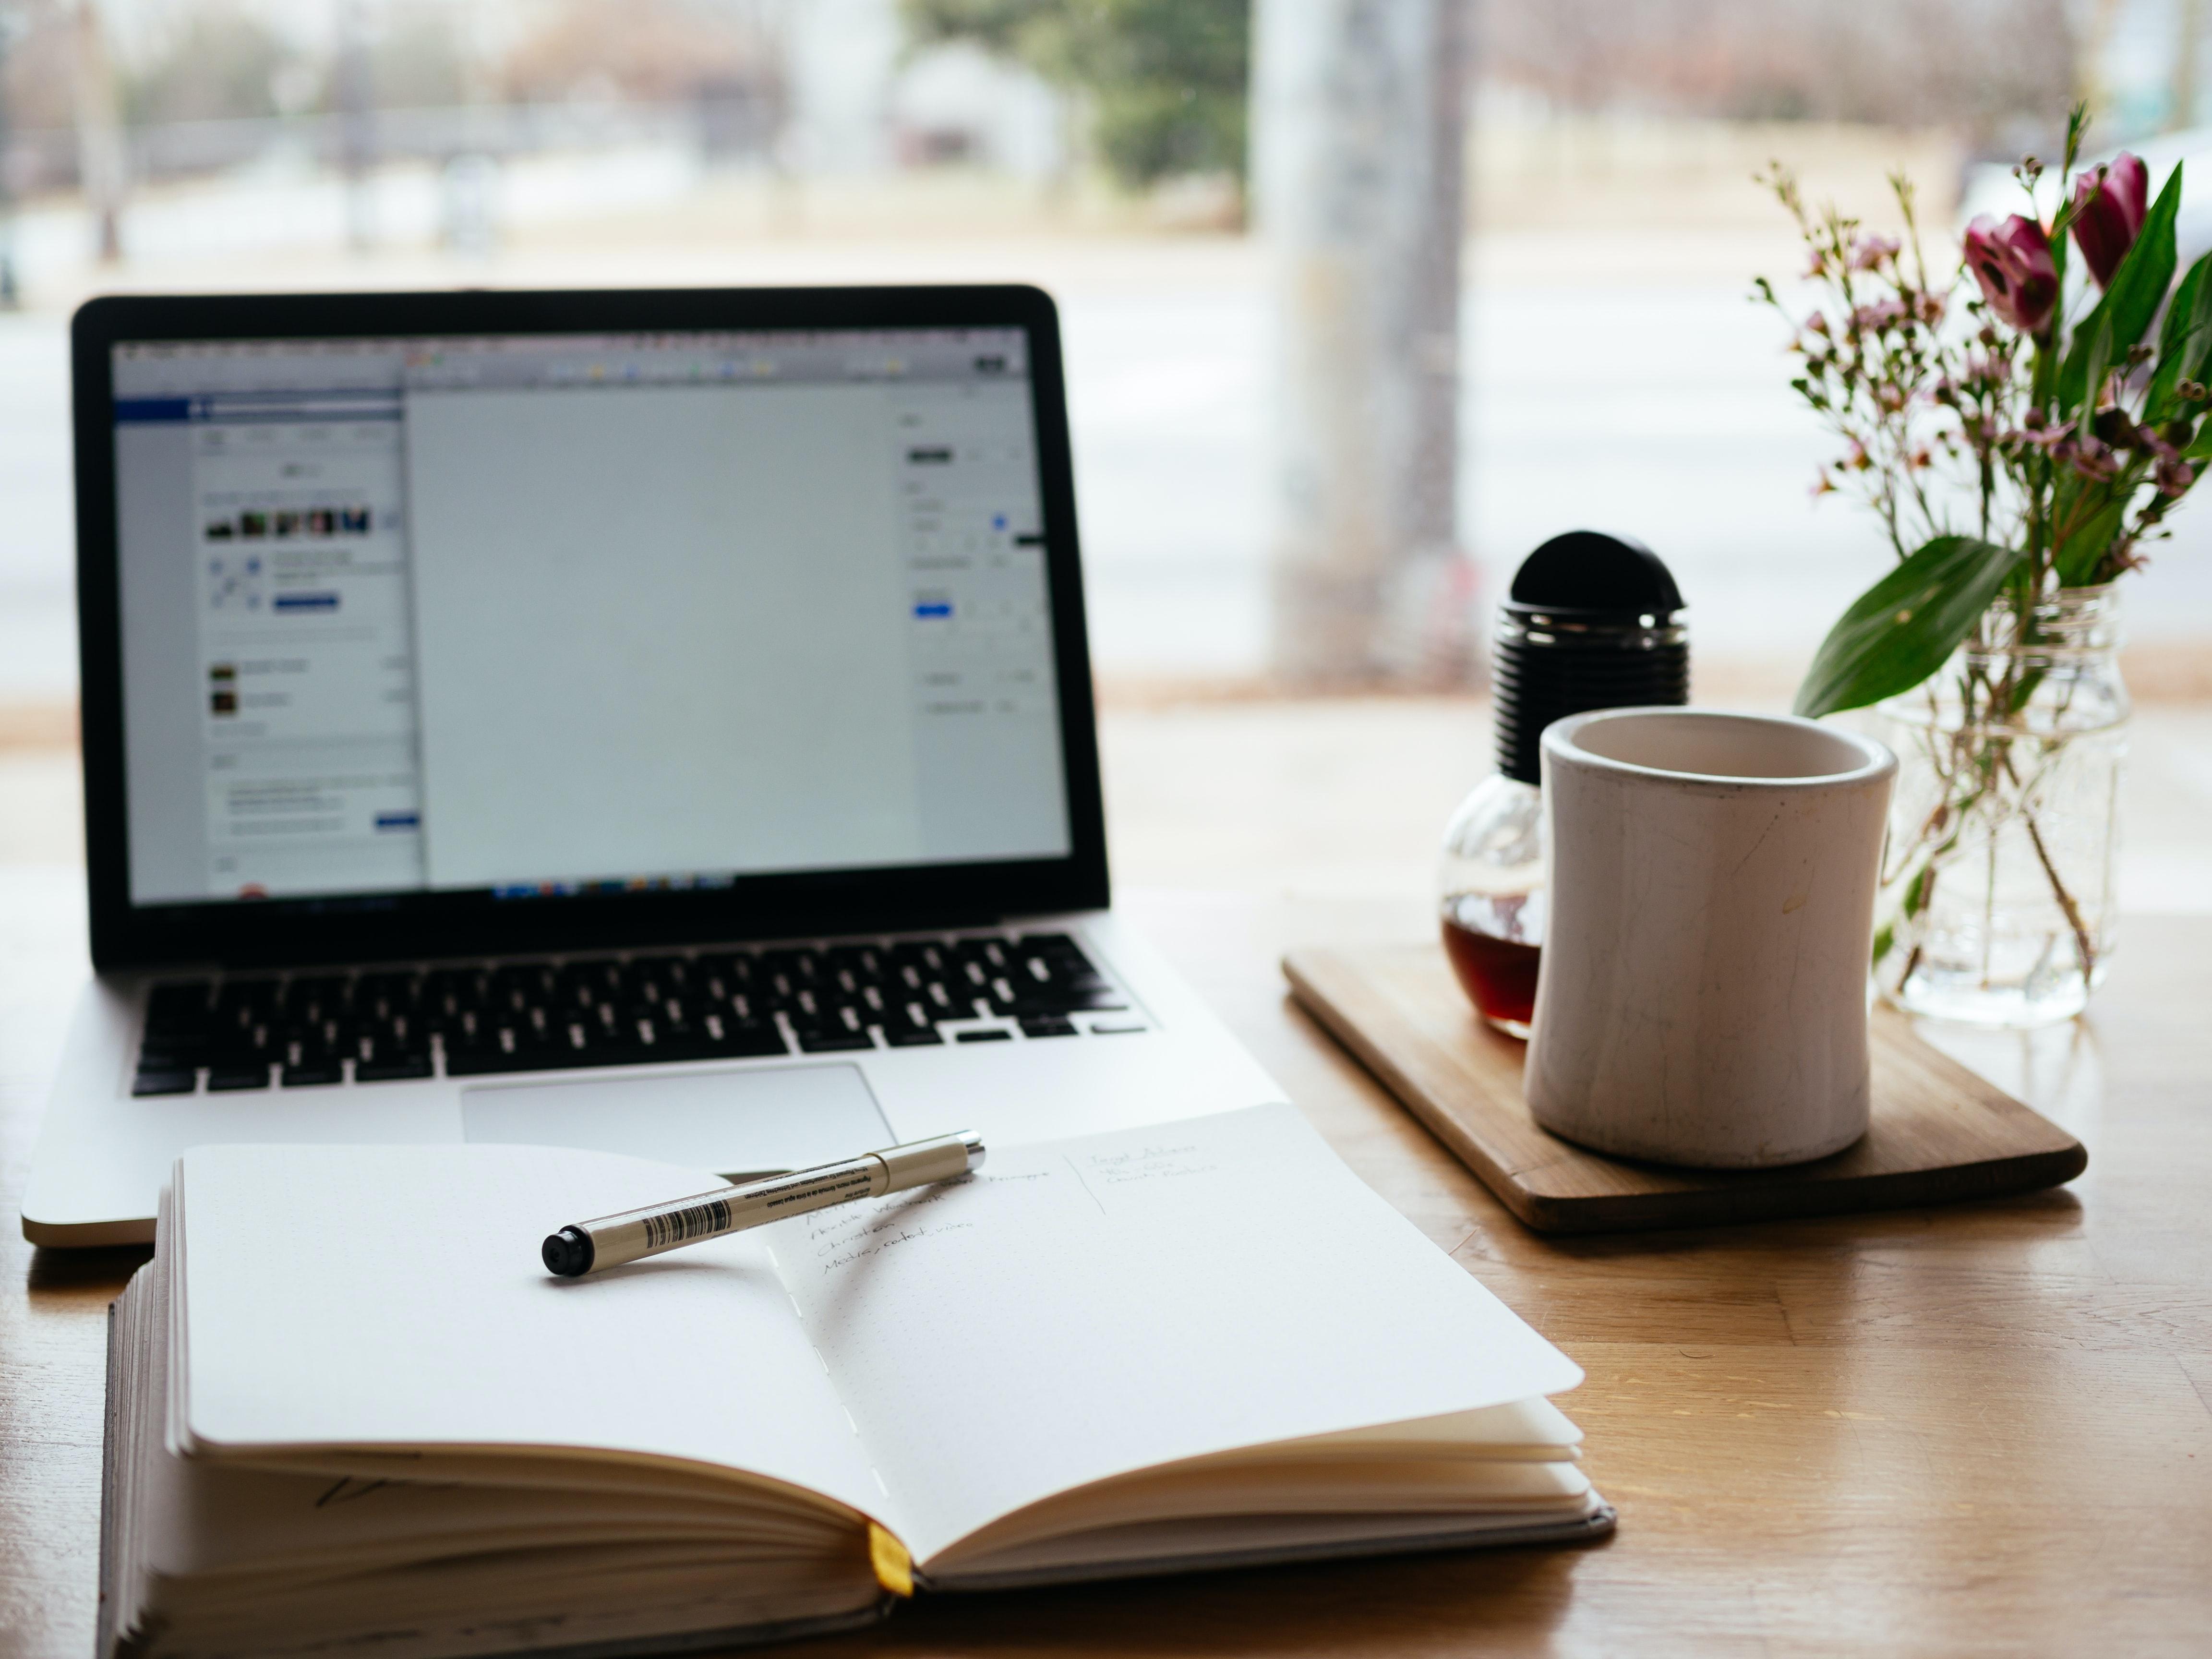 Référencement naturel : toutes les bases pour bien positionner votre site web [GUIDE]